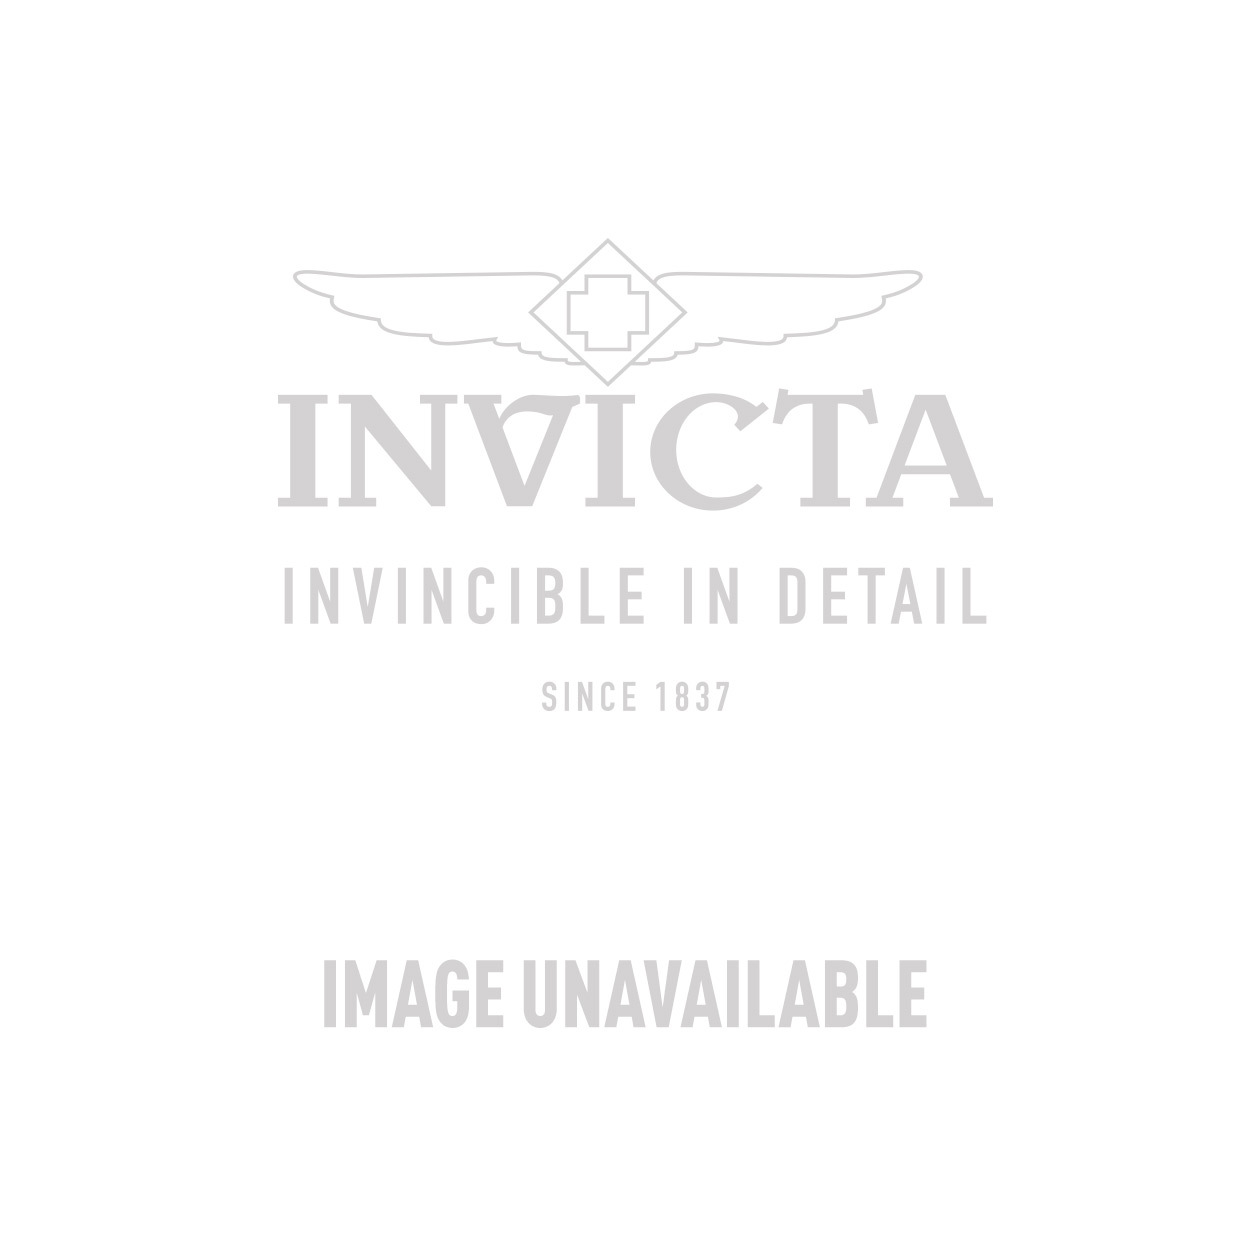 Invicta Model 26920